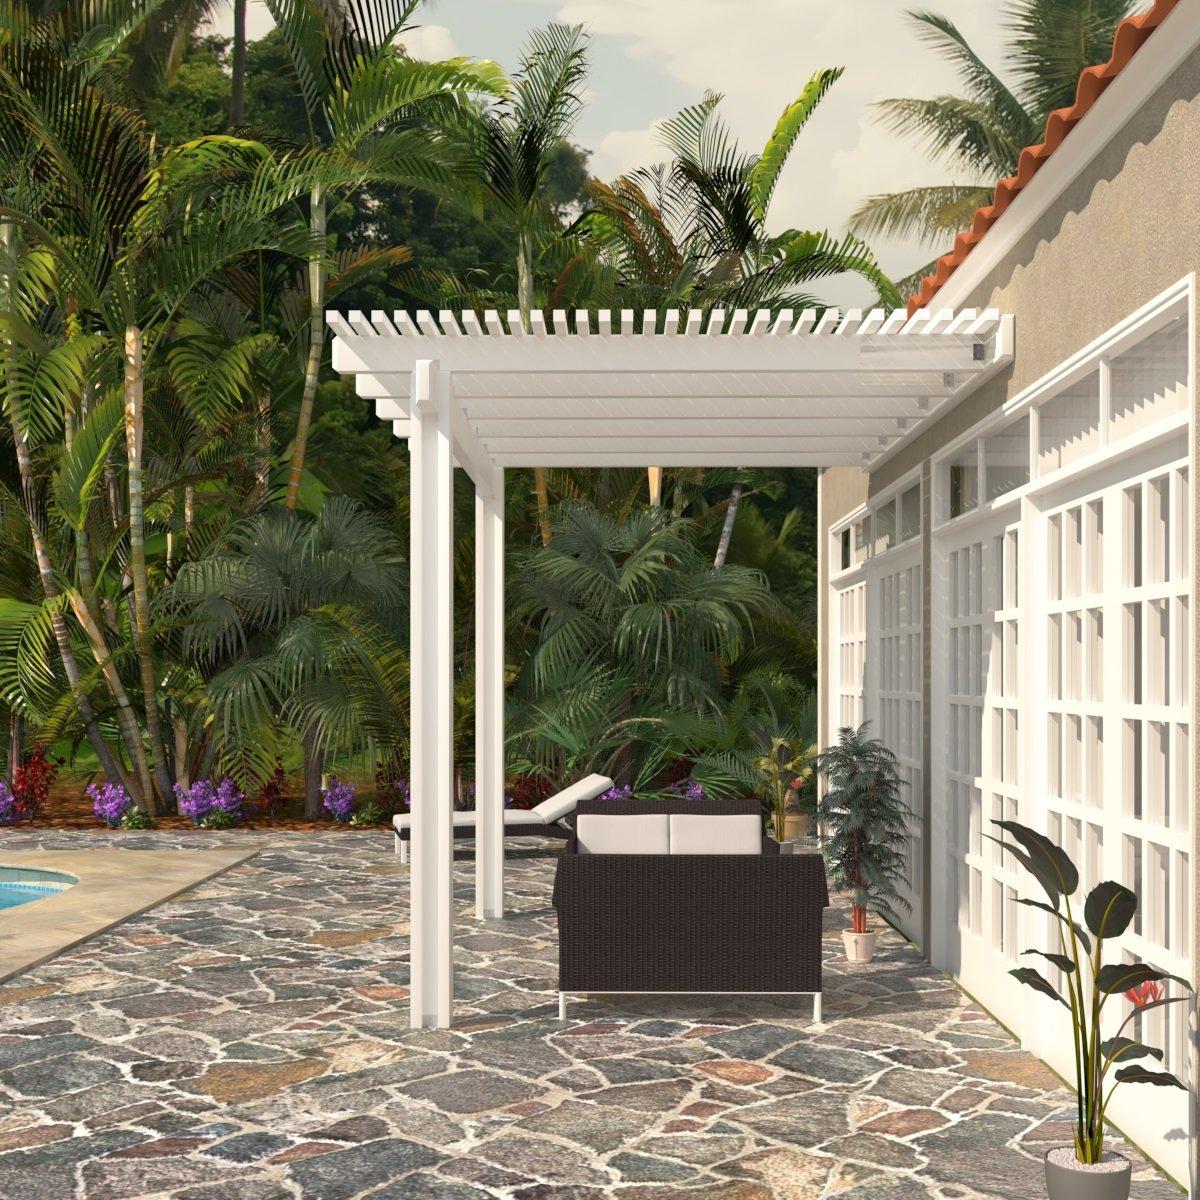 Heritage Patios Aluminum Pergola - 8 ft. x 12 ft. (White)